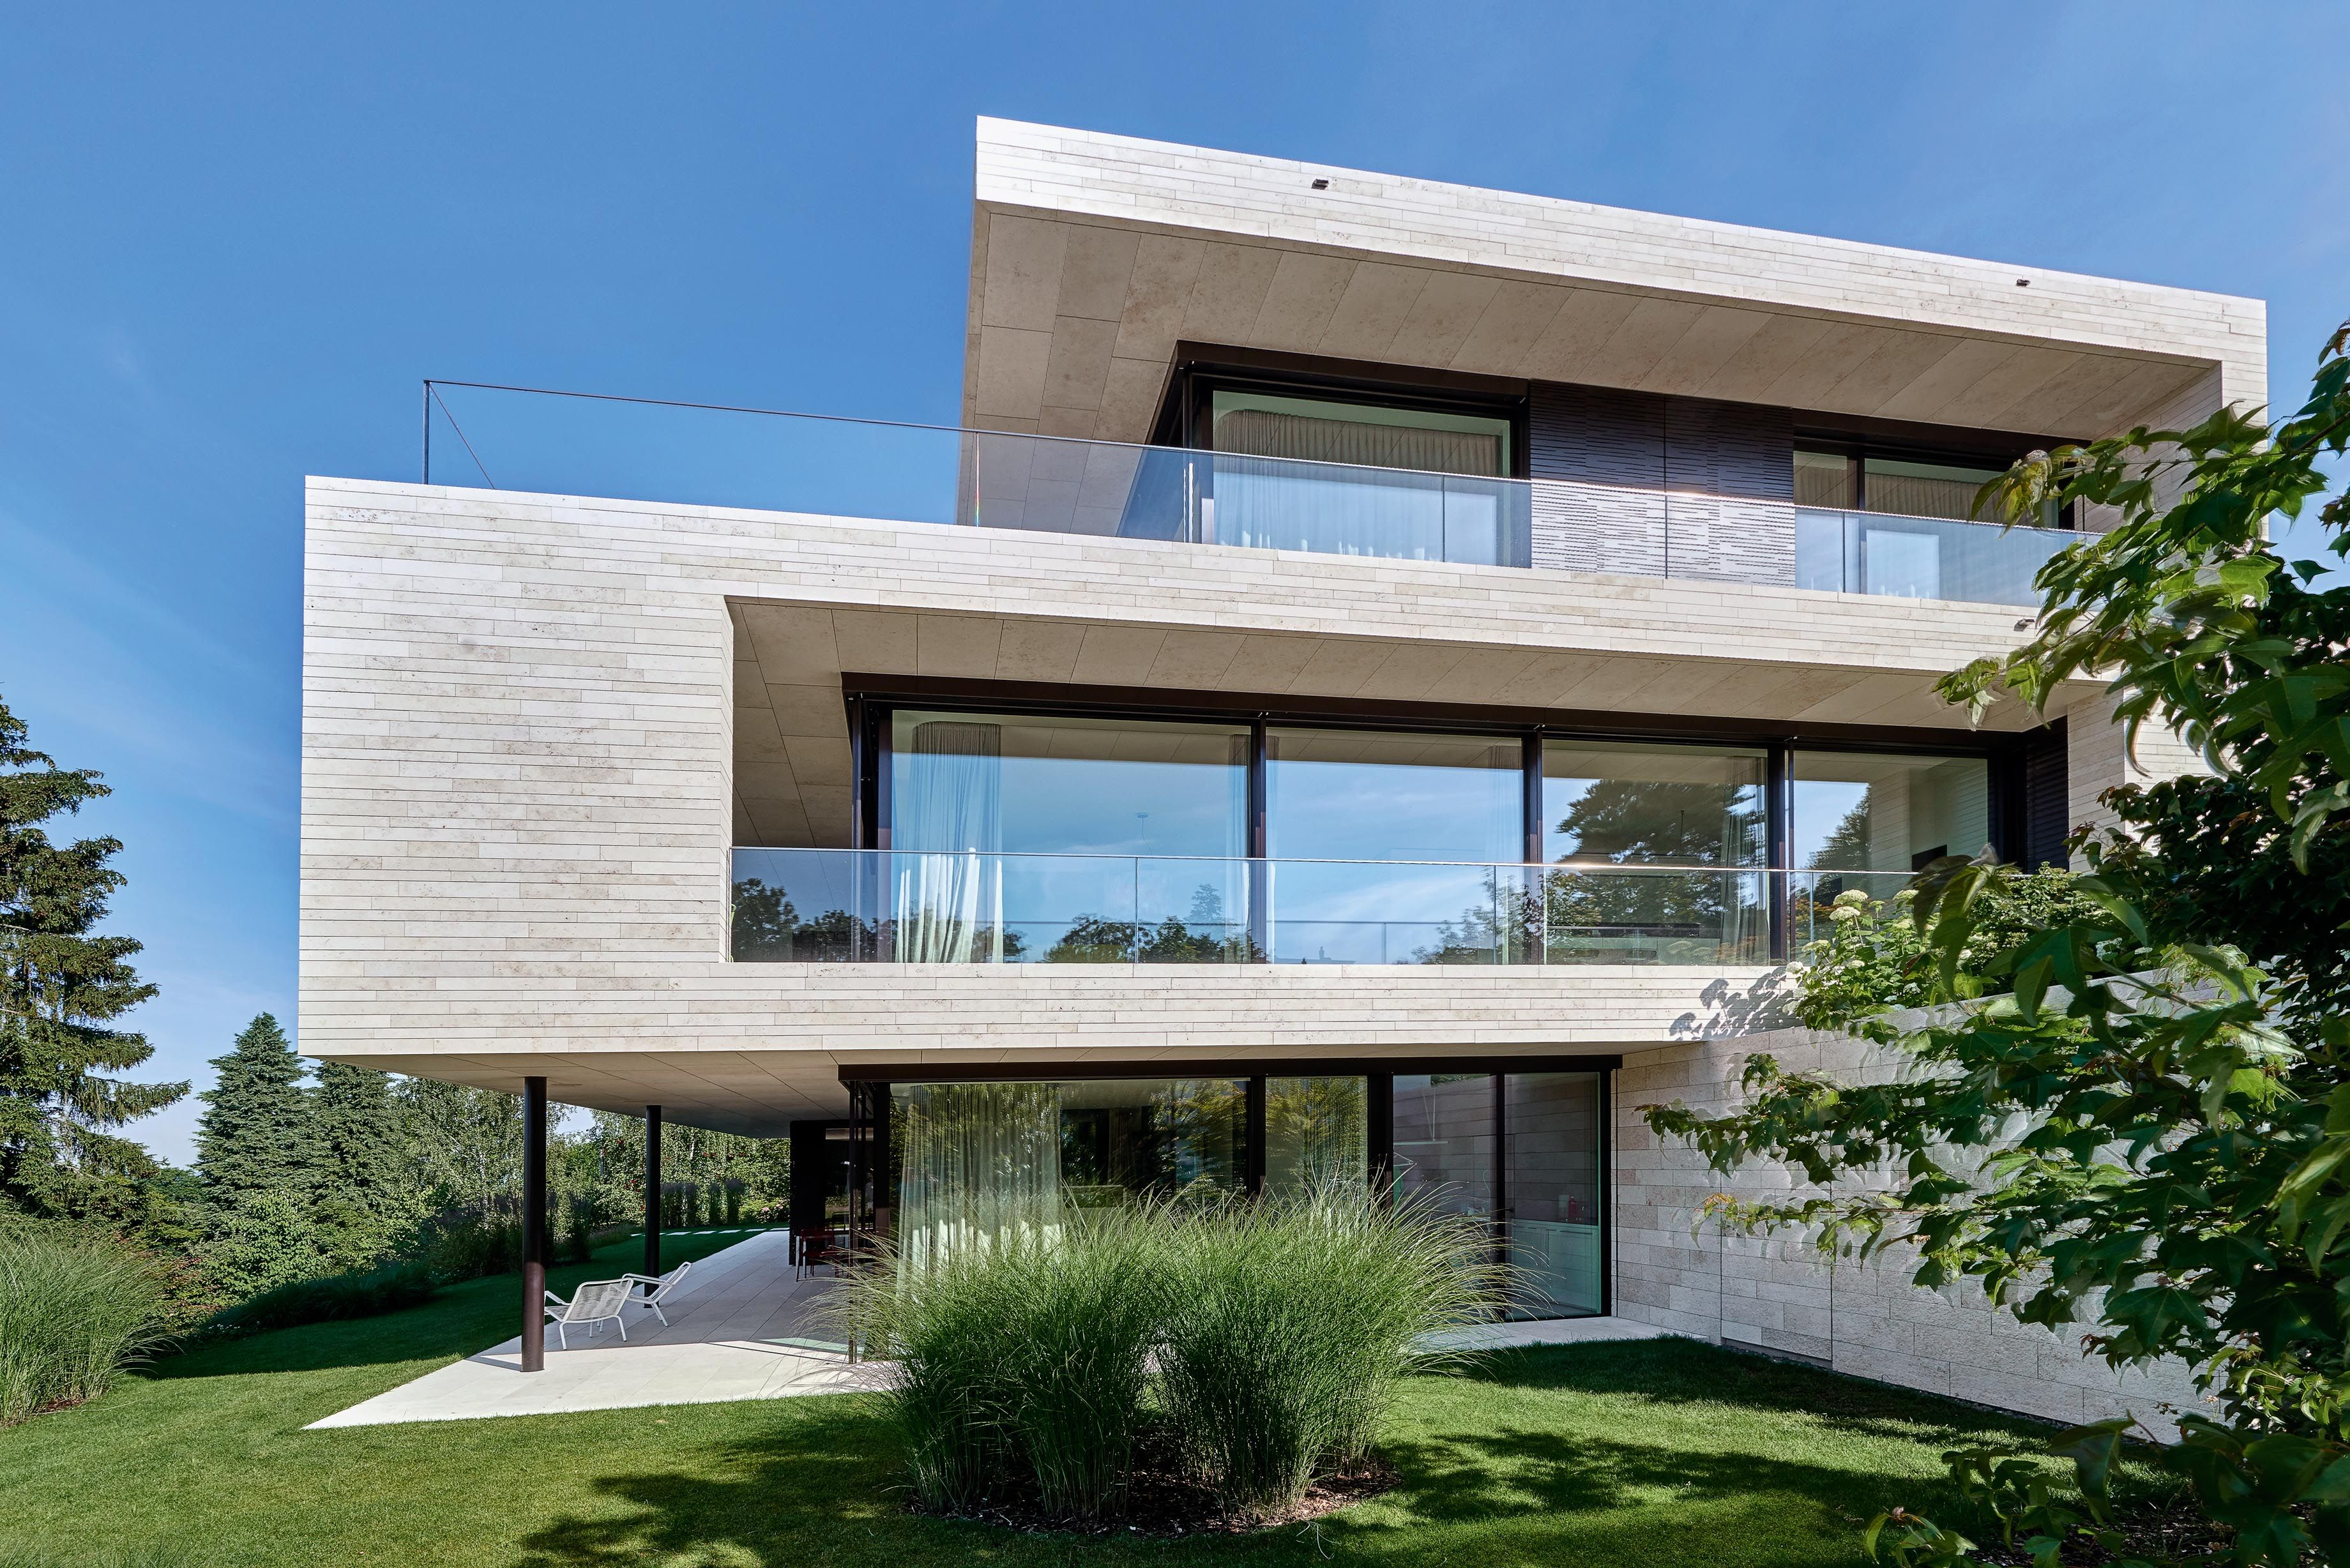 http://www.swiss-architects.com/de/breitenstein/projekte-3/stadtvilla-51896